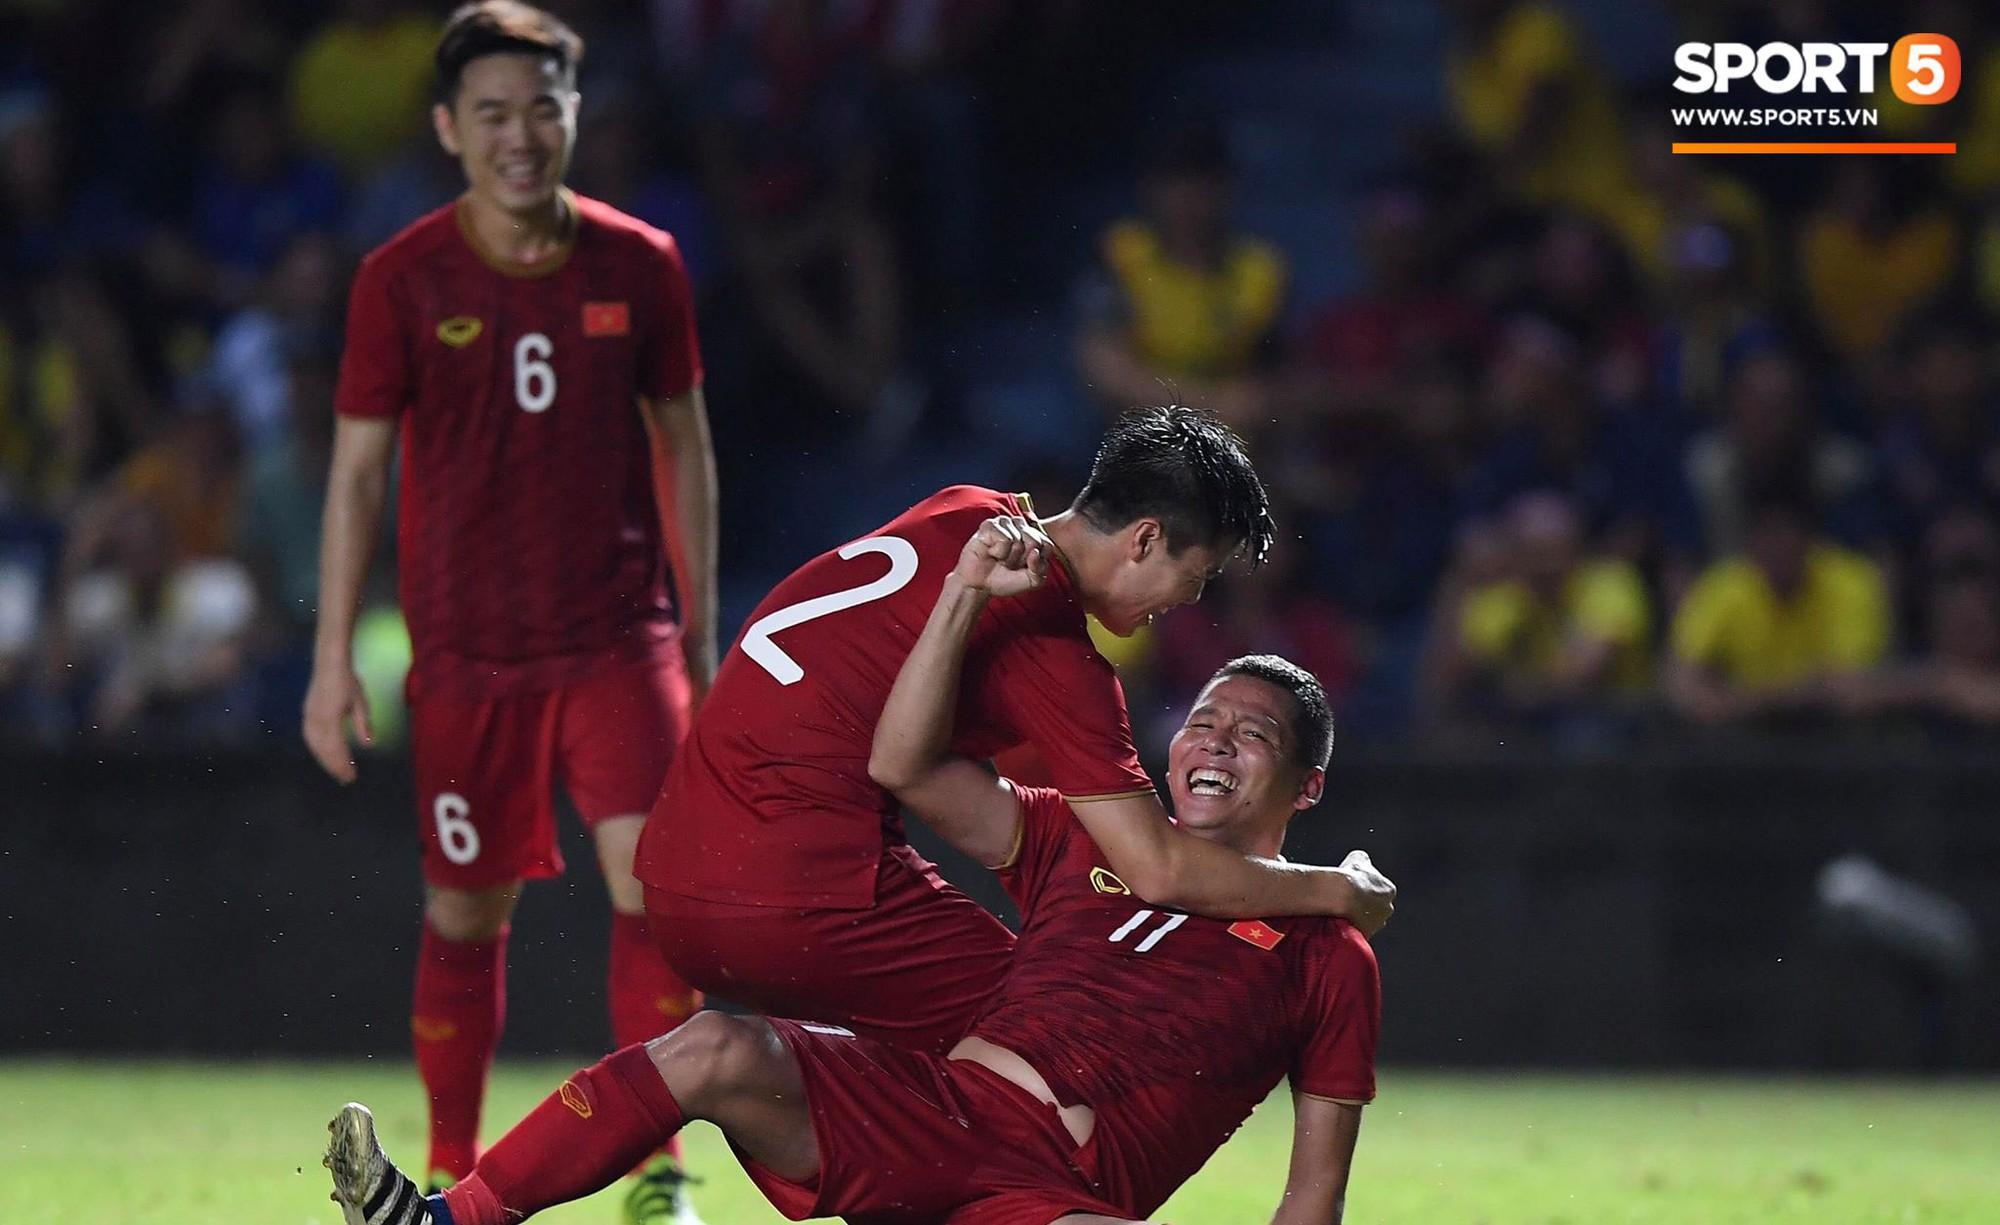 Thua không thể đau hơn ở giây cuối, báo Thái cay đắng: Trận thua gây sốc cả dân tộc! Việt Nam đã làm chúng ta tan nát ngay tại Kings Cup - Ảnh 2.